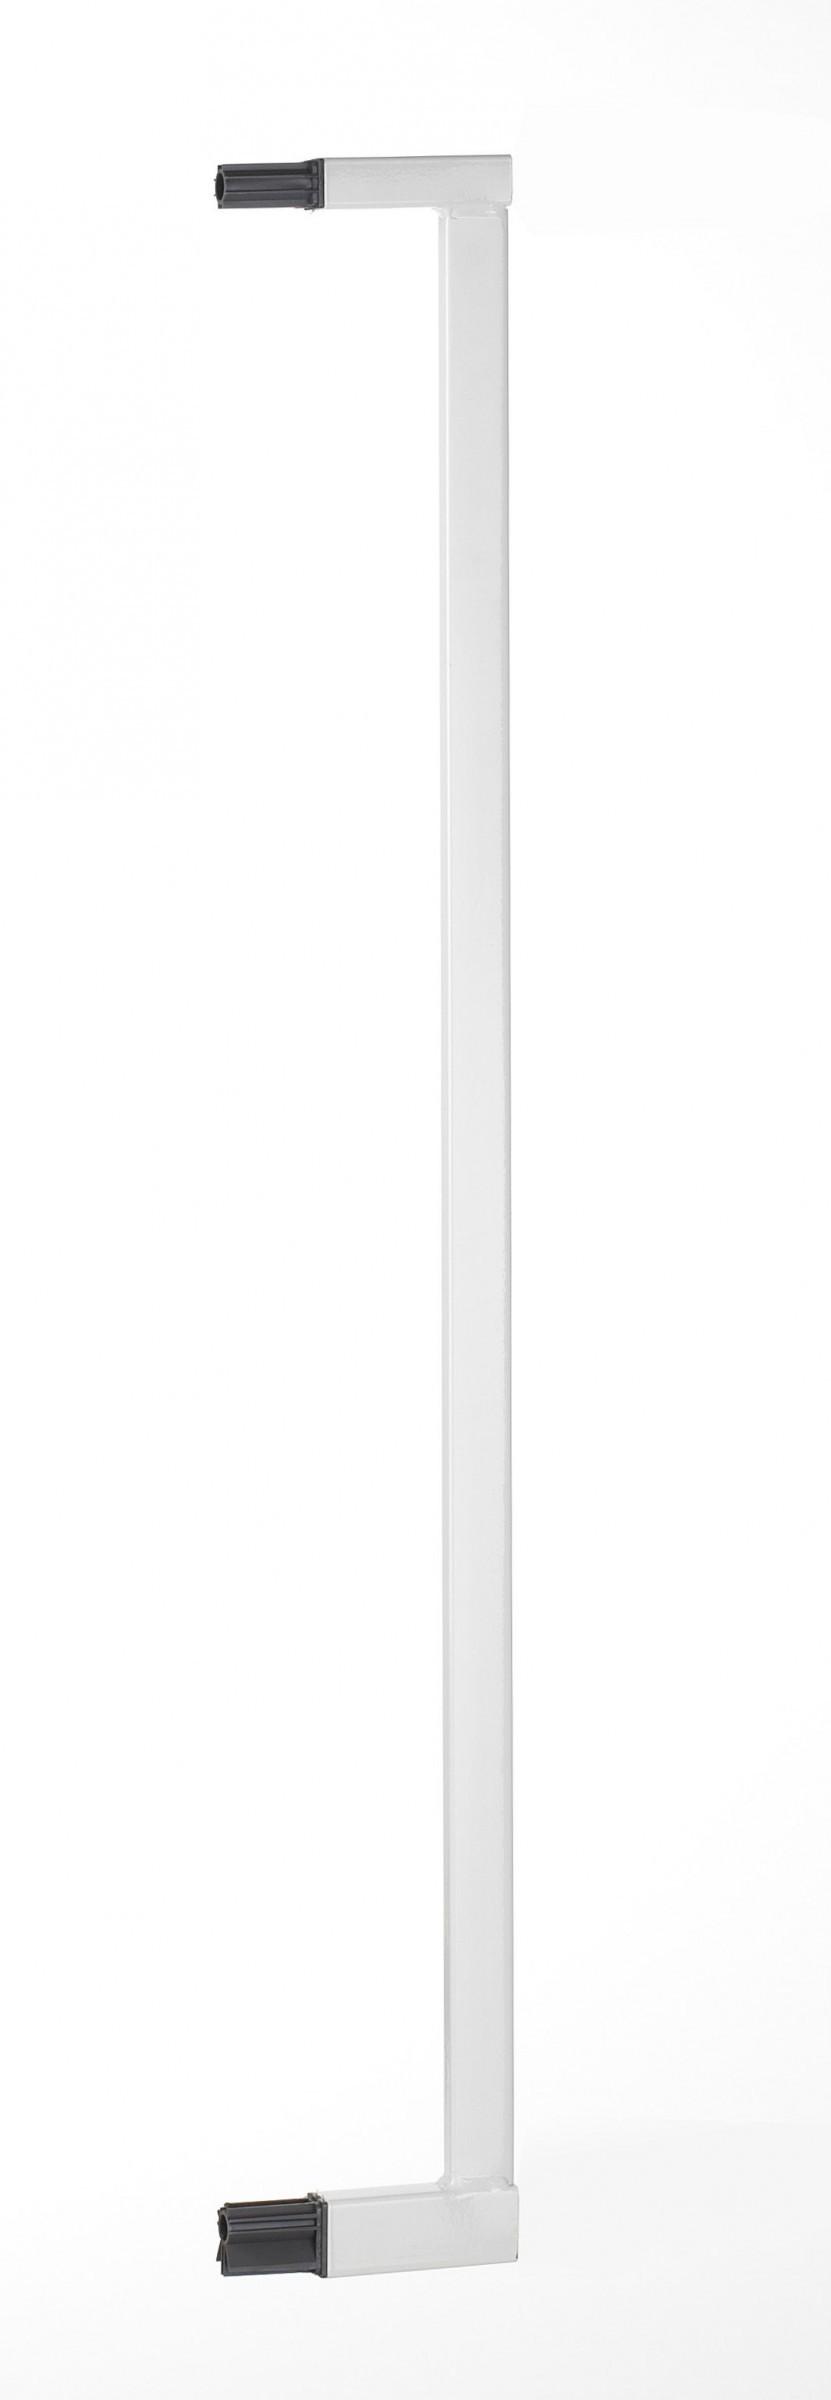 Geuther Verlängerung für Easy Lock/EL Wood 8 cm weiß 0091VS